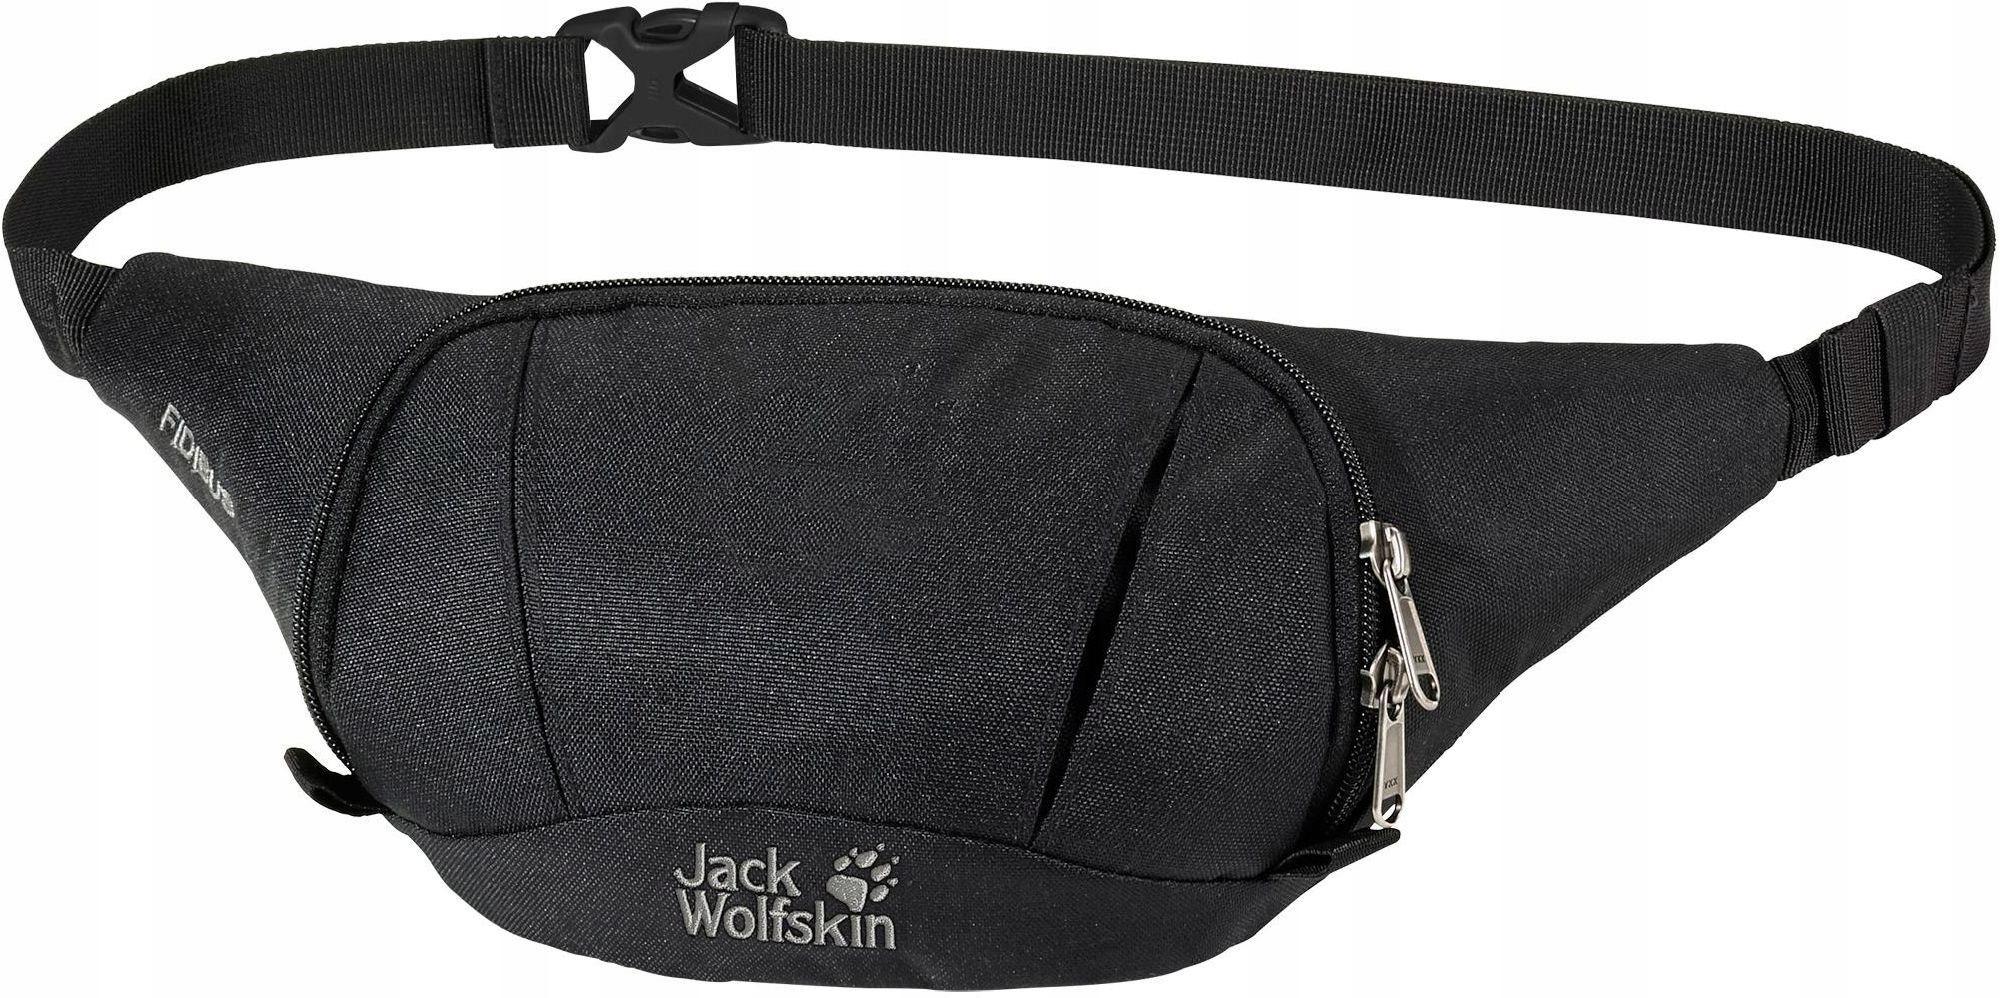 Jack Wolfskin Saszetka biodrowa Fidibus 86425-6000